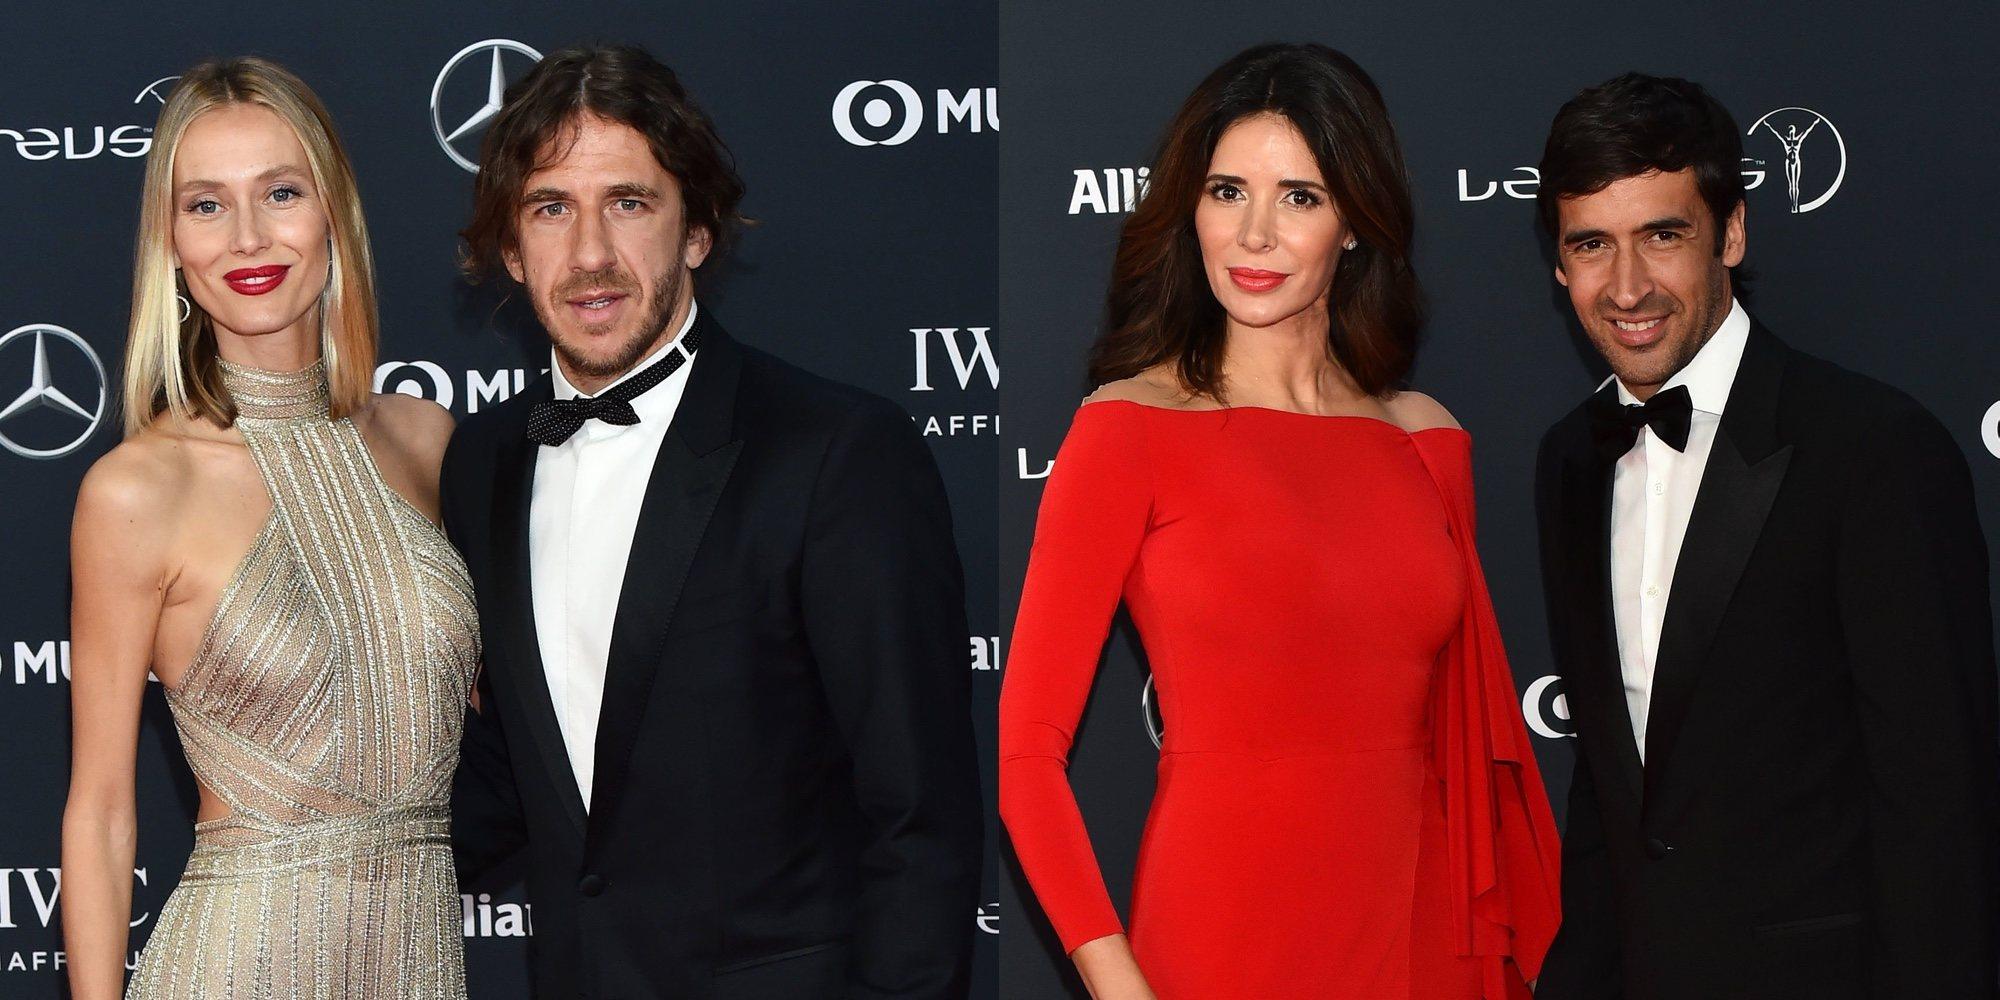 Carles Puyol y Vanessa Lorenzo, Raúl González y Mamen Sanz: mucho amor en los Premios Laureus 2018